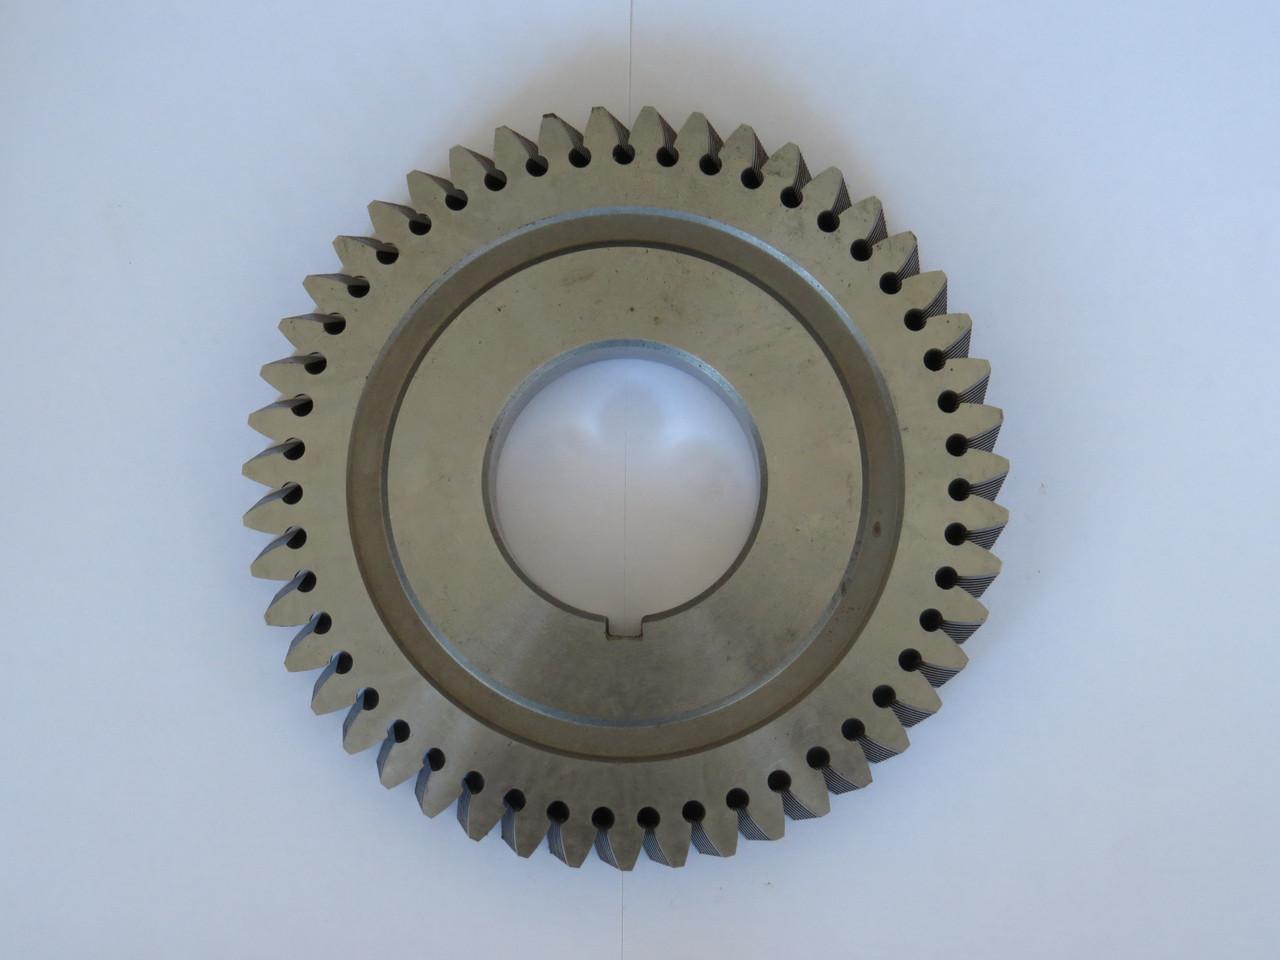 Шевер дисковый М5.0 Ø180 Z-31 градус 20* β15* Тип А Р18 ГОСТ8570-80